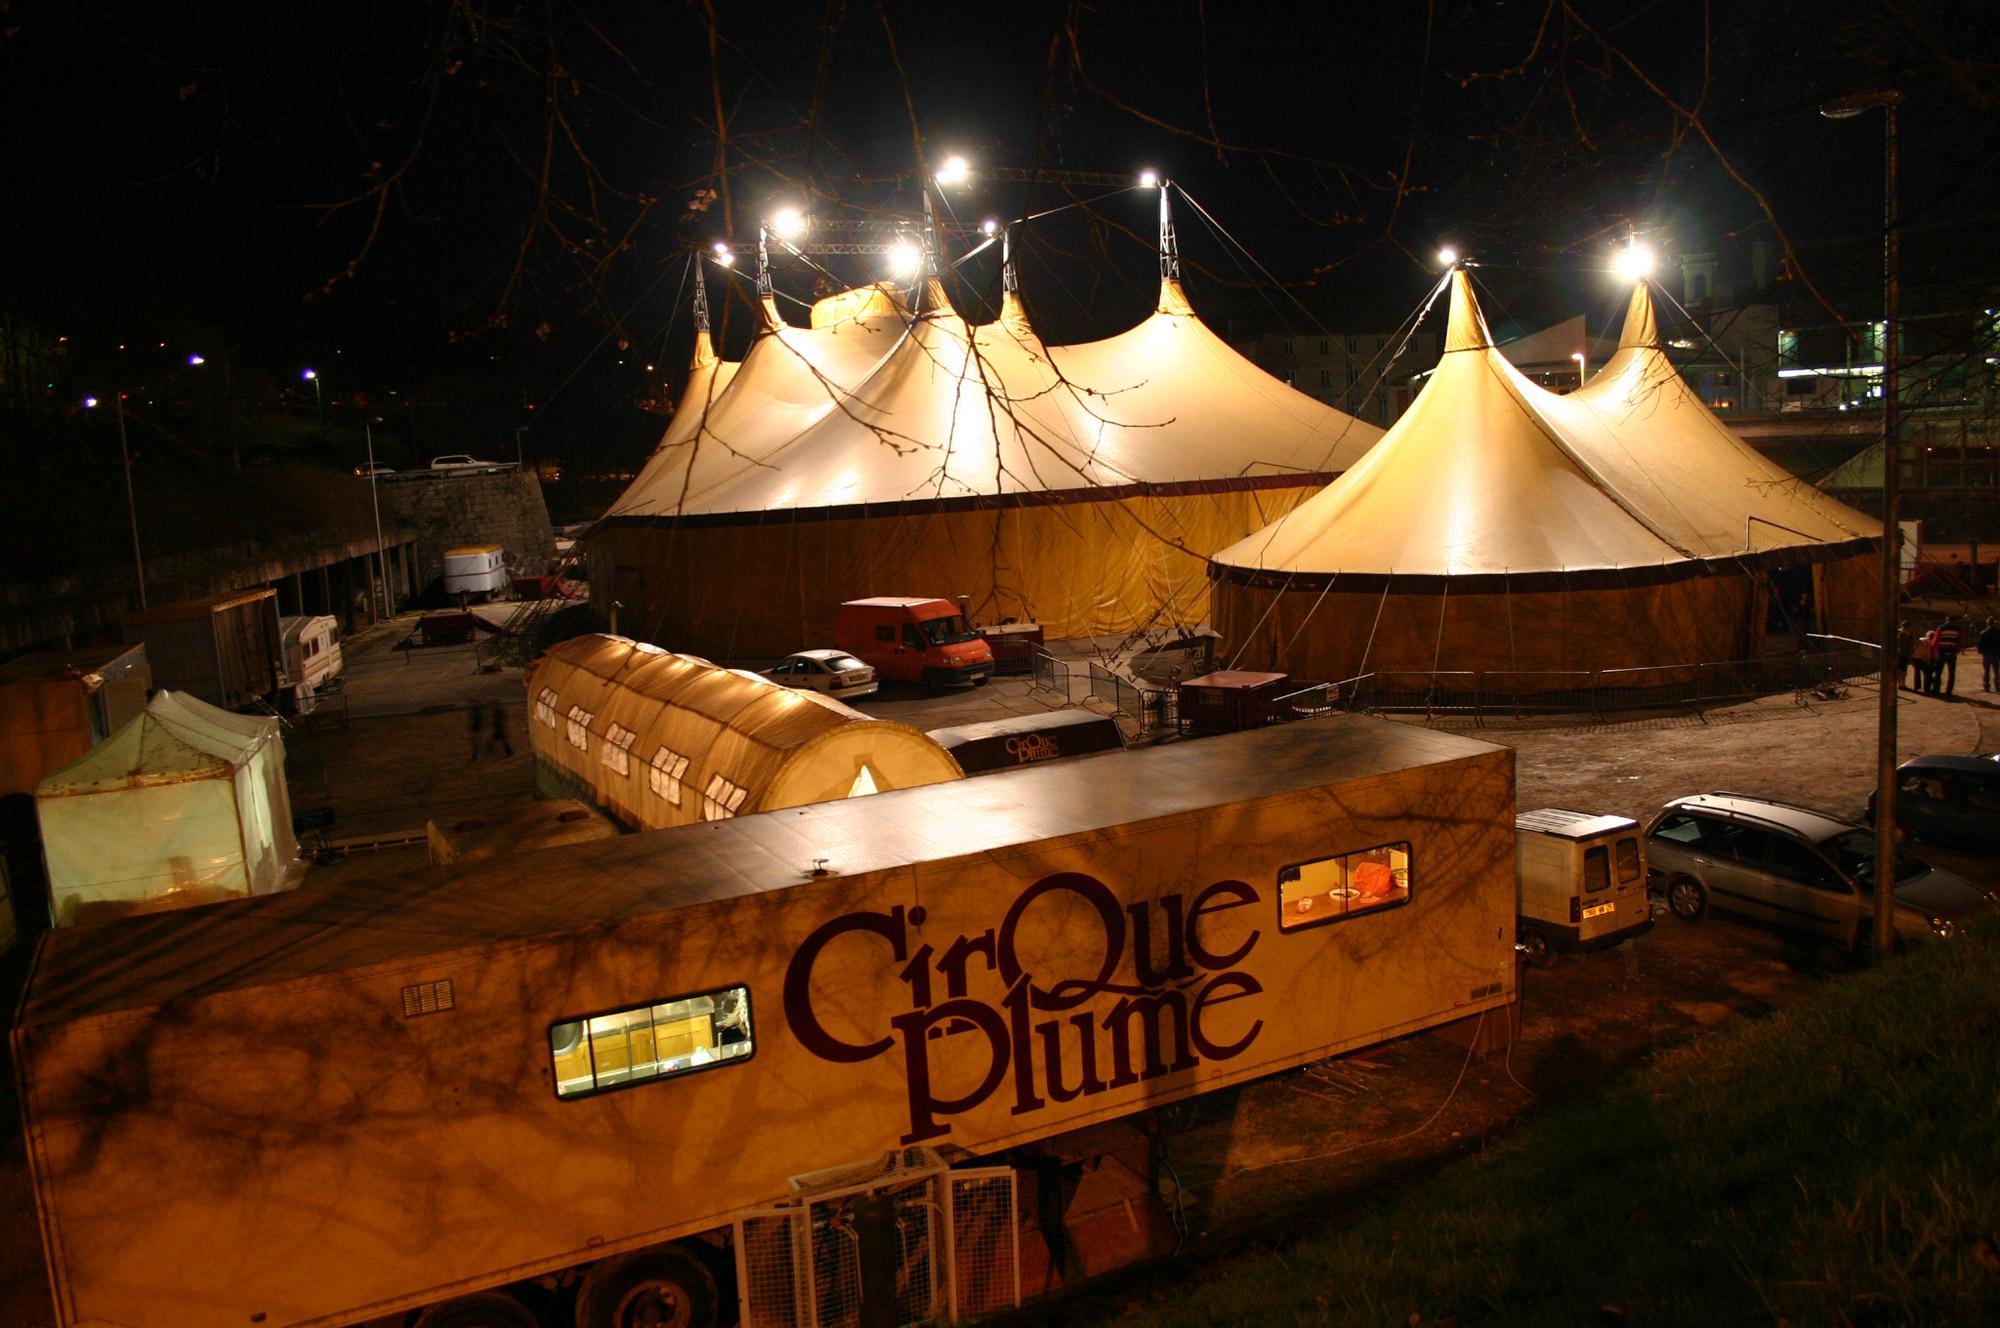 cirque plume chapiteau